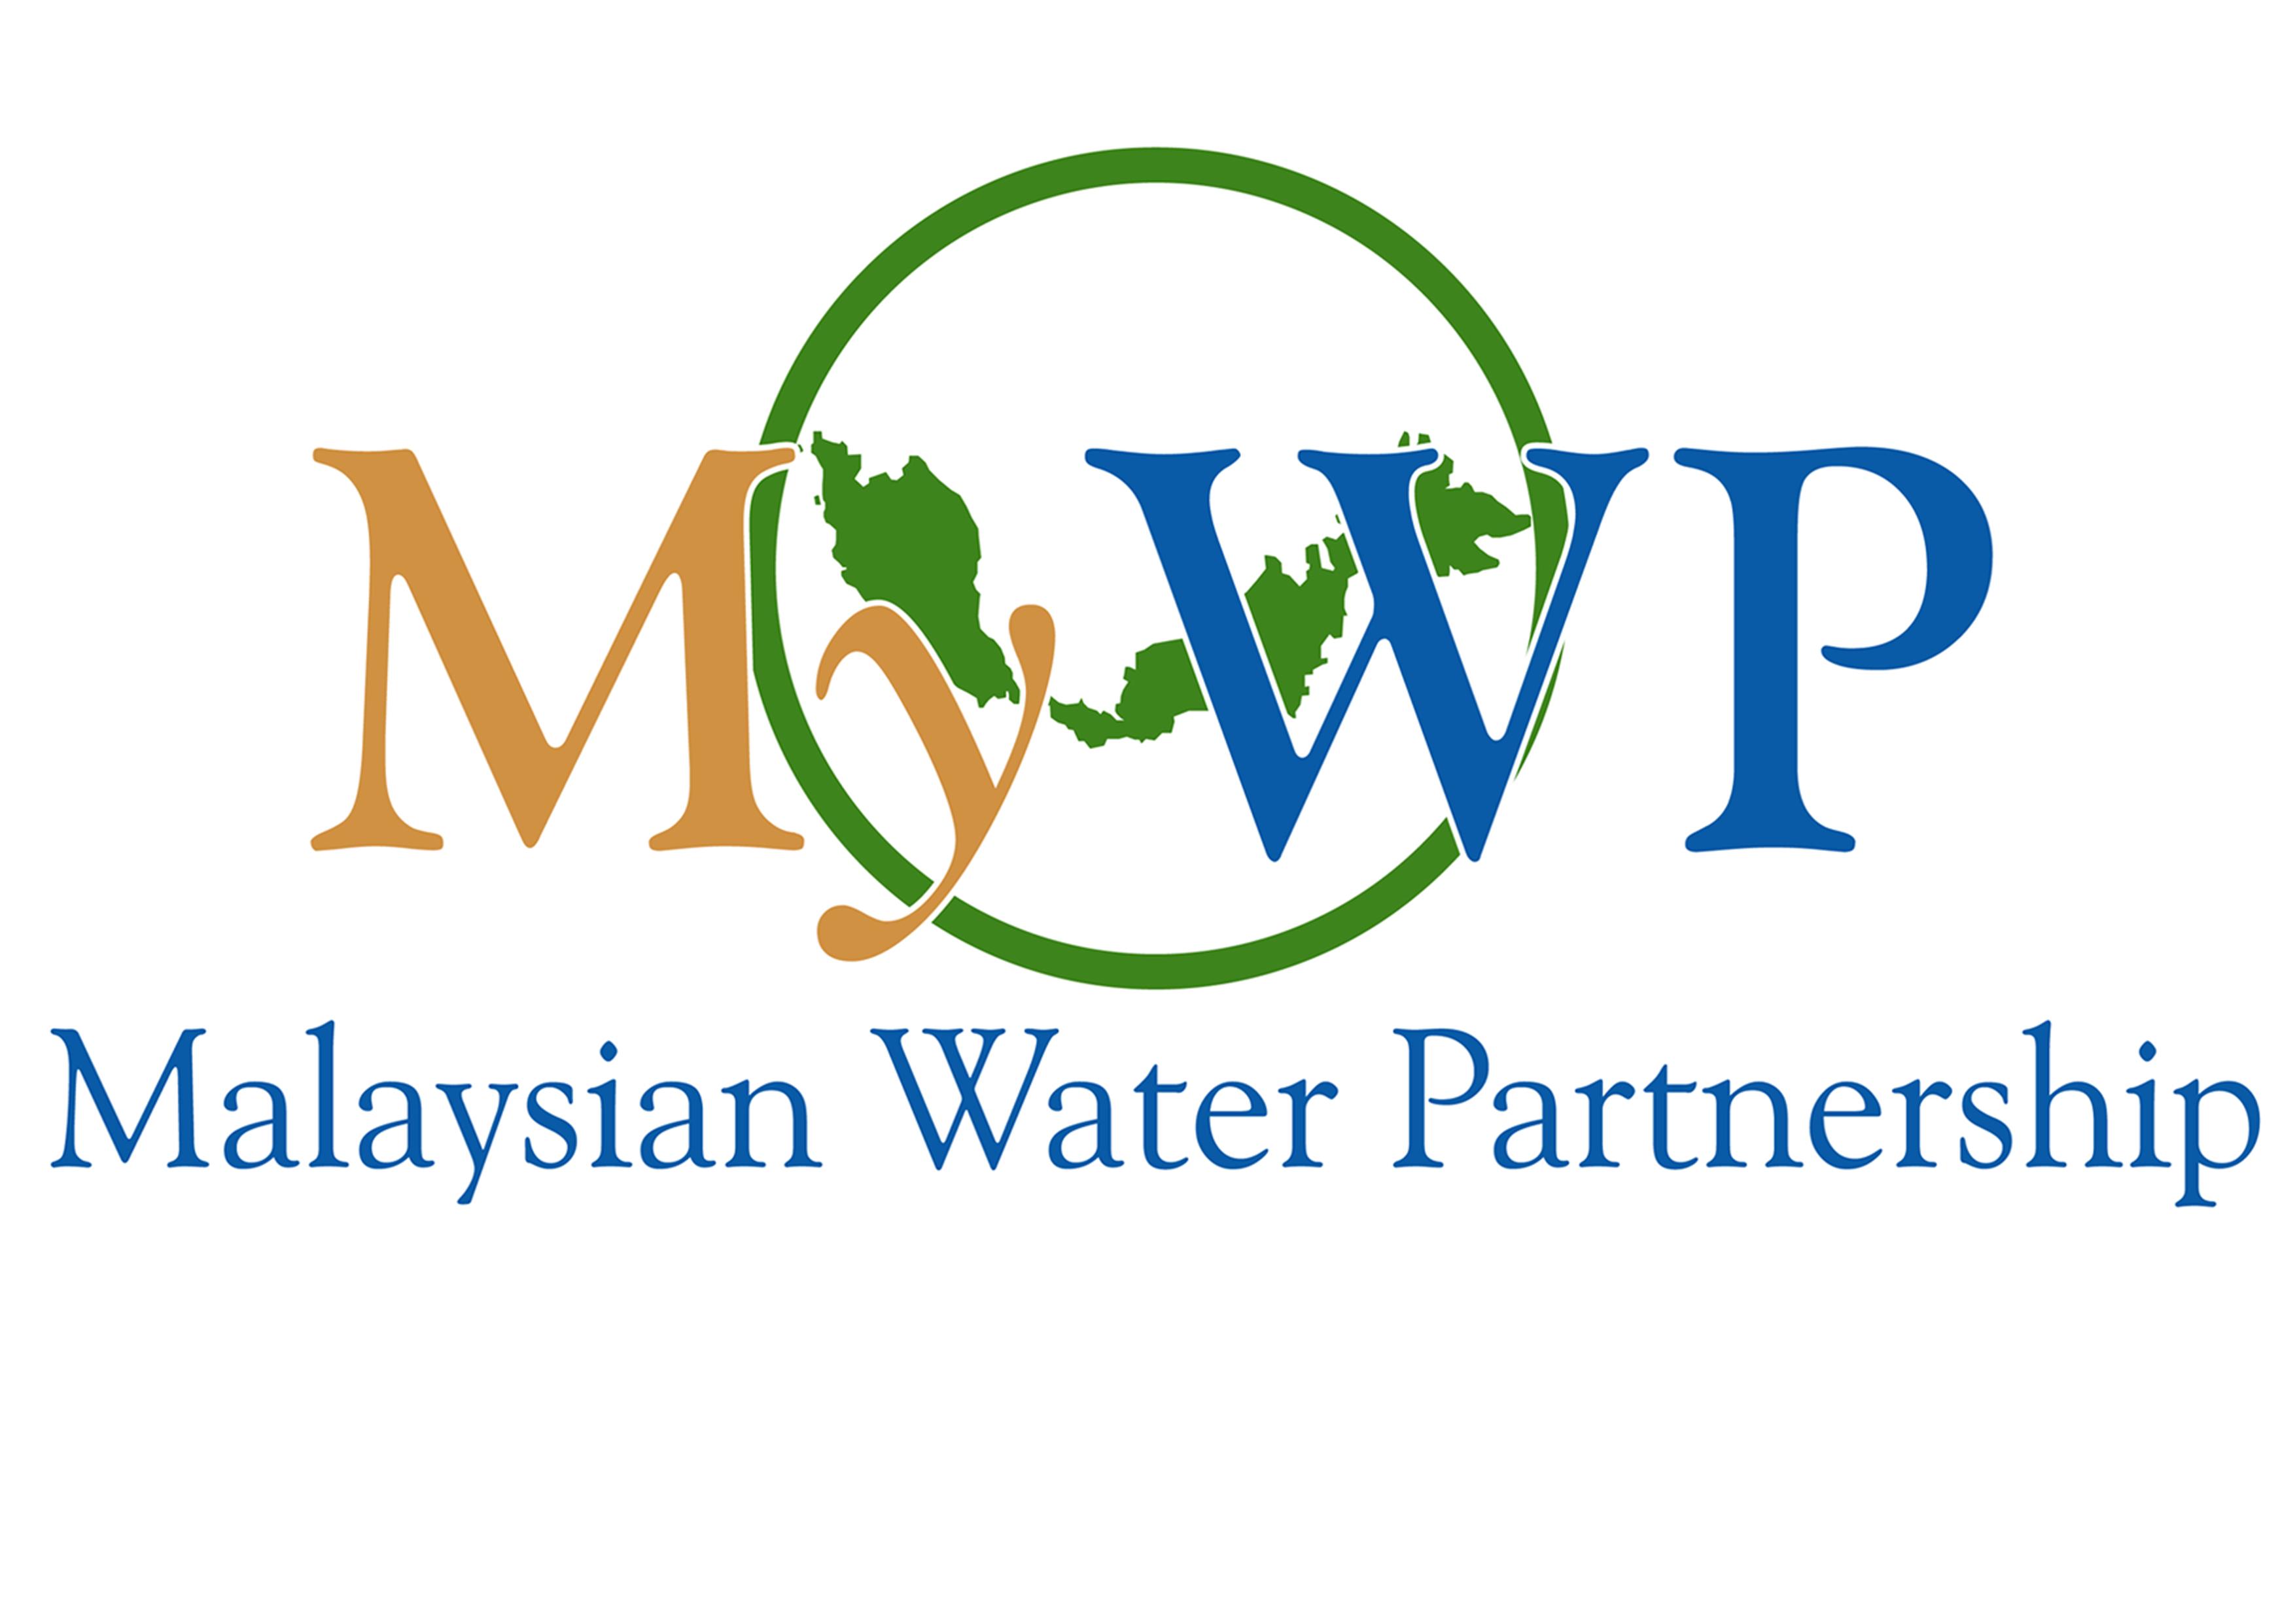 Persatuan Perikatan Air Malaysia